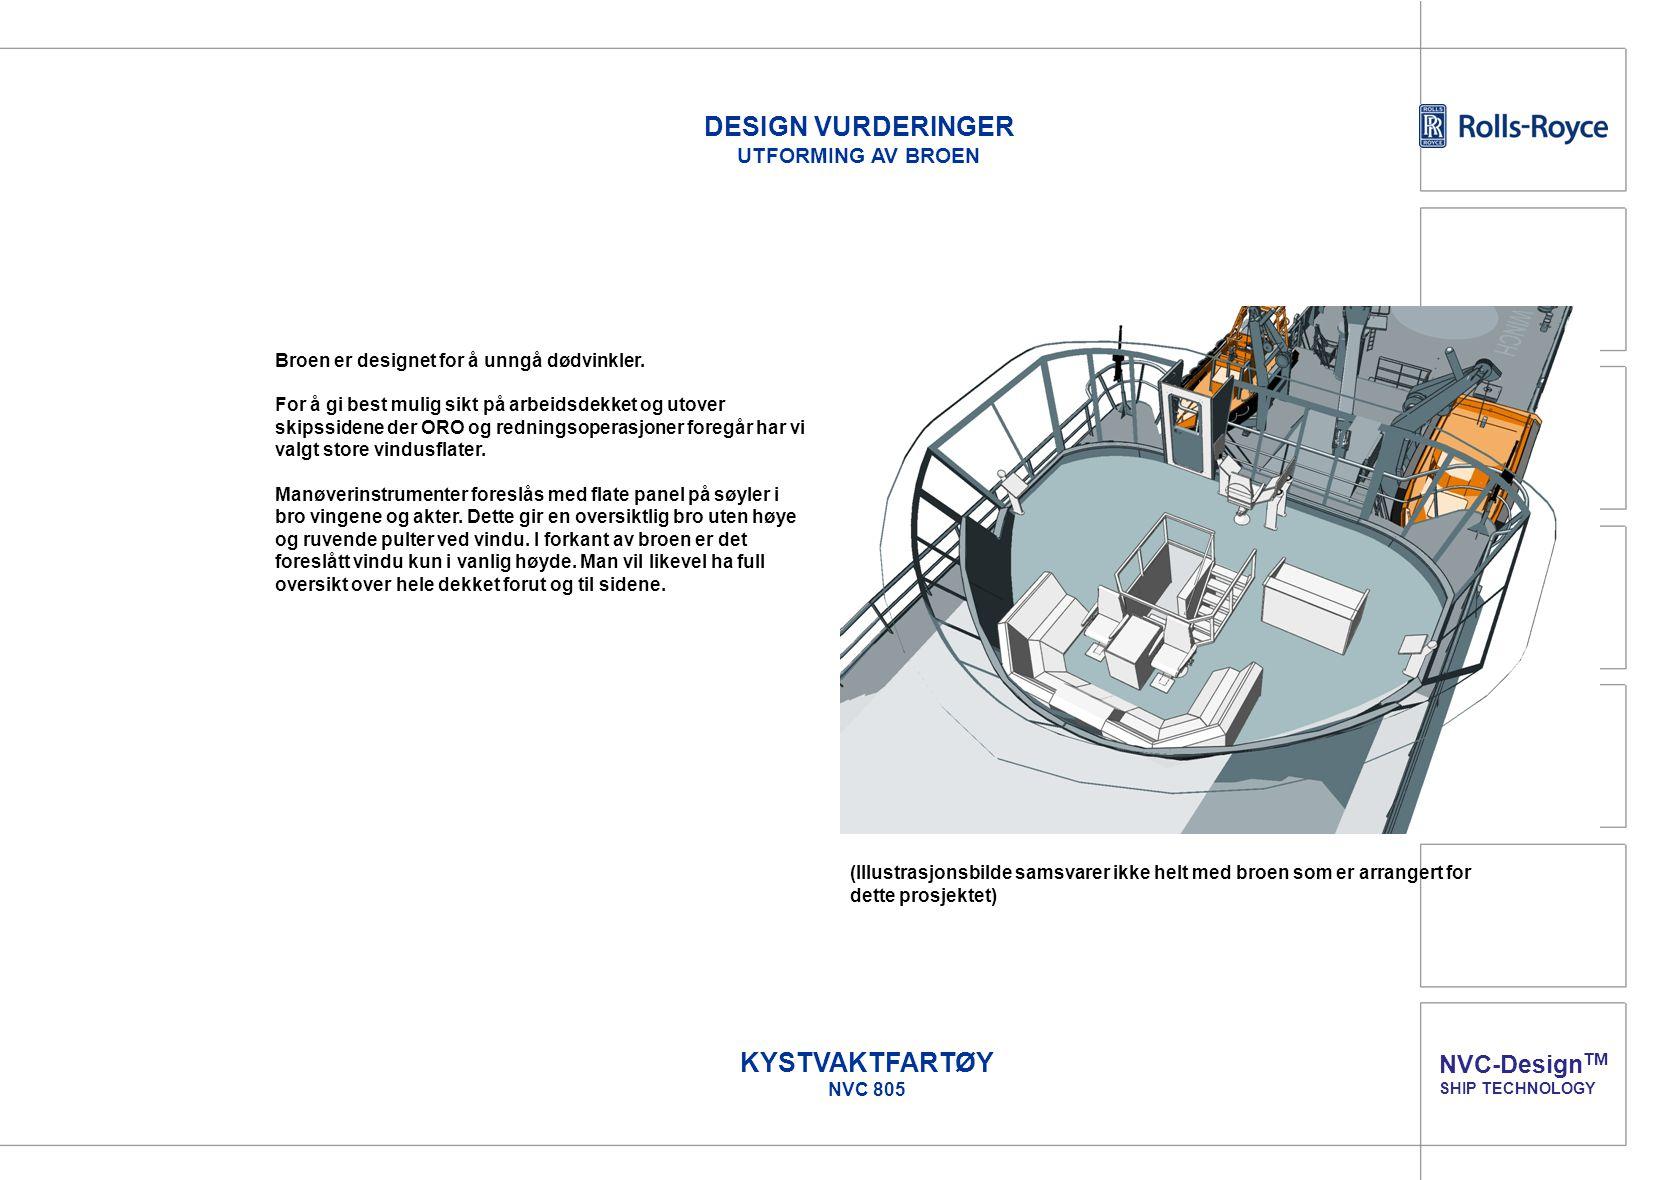 DESIGN VURDERINGER UTFORMING AV BROEN